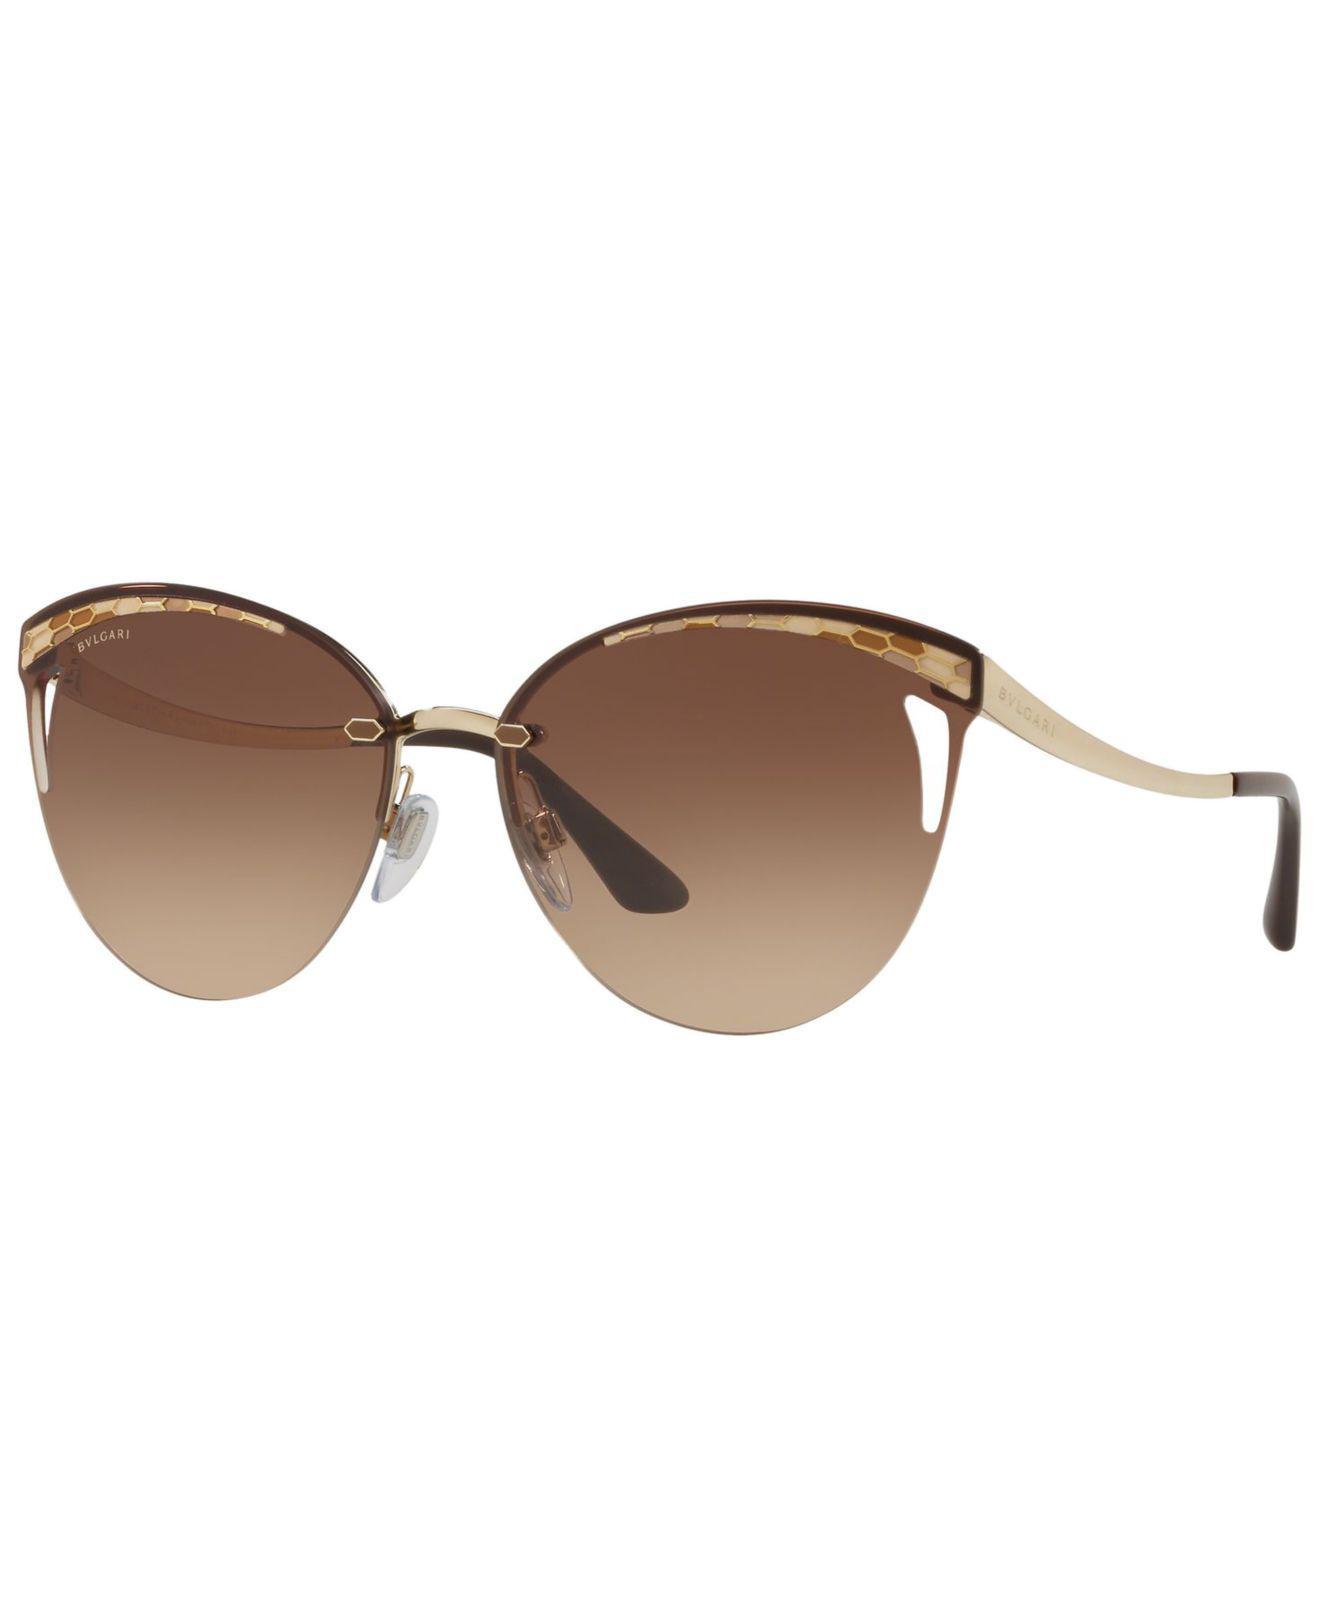 0125758370 BVLGARI. Women s Brown Sunglasses ...